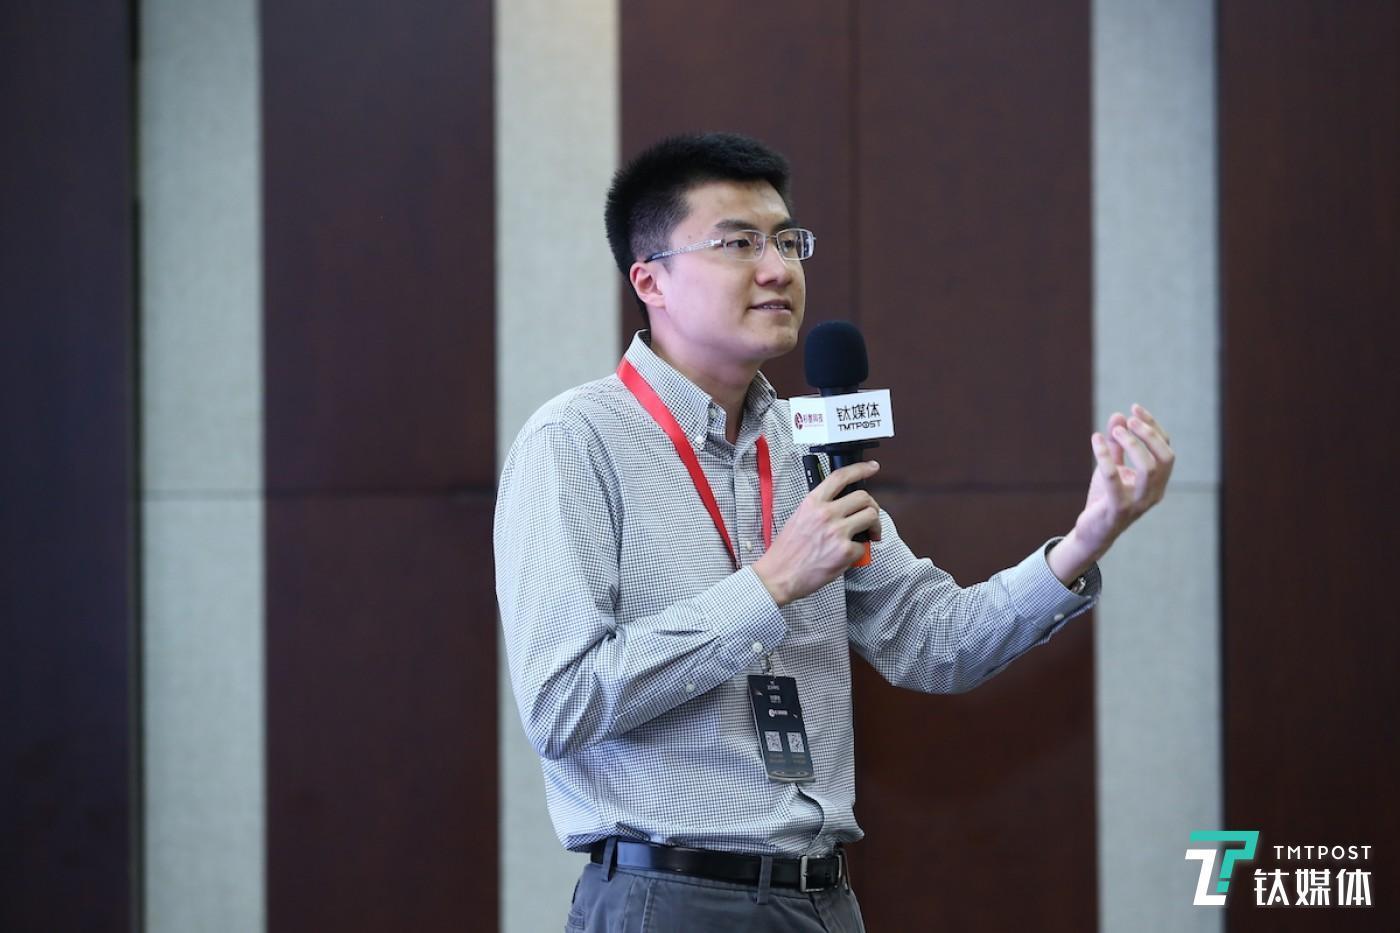 杉树科技 CEO 张子卓